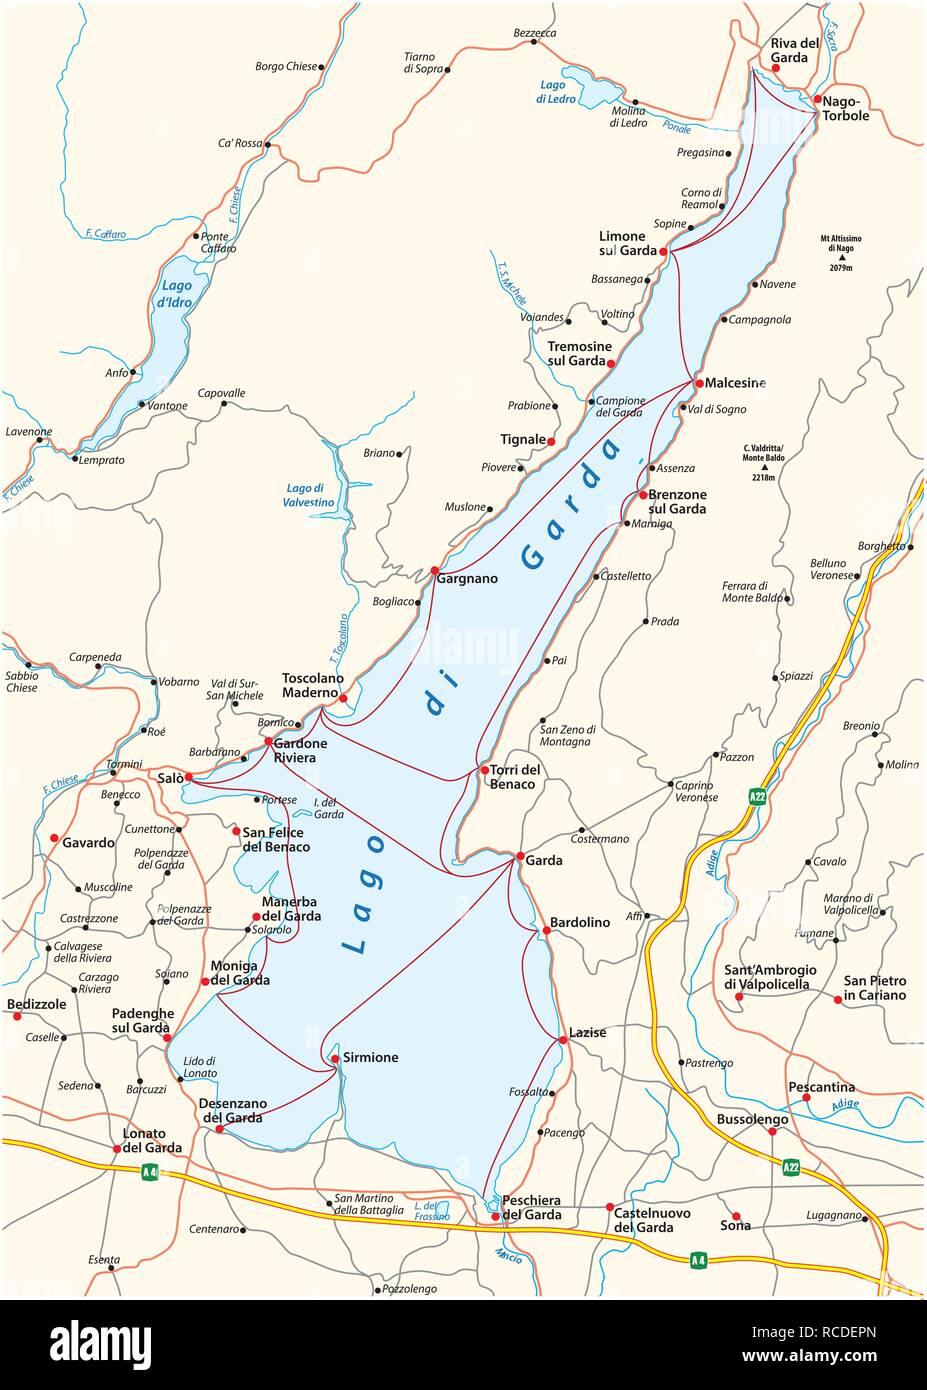 Cartina Stradale Lago Di Garda.Mappa Della Tomaia Italiano Lago Di Garda Italia Immagine E Vettoriale Alamy